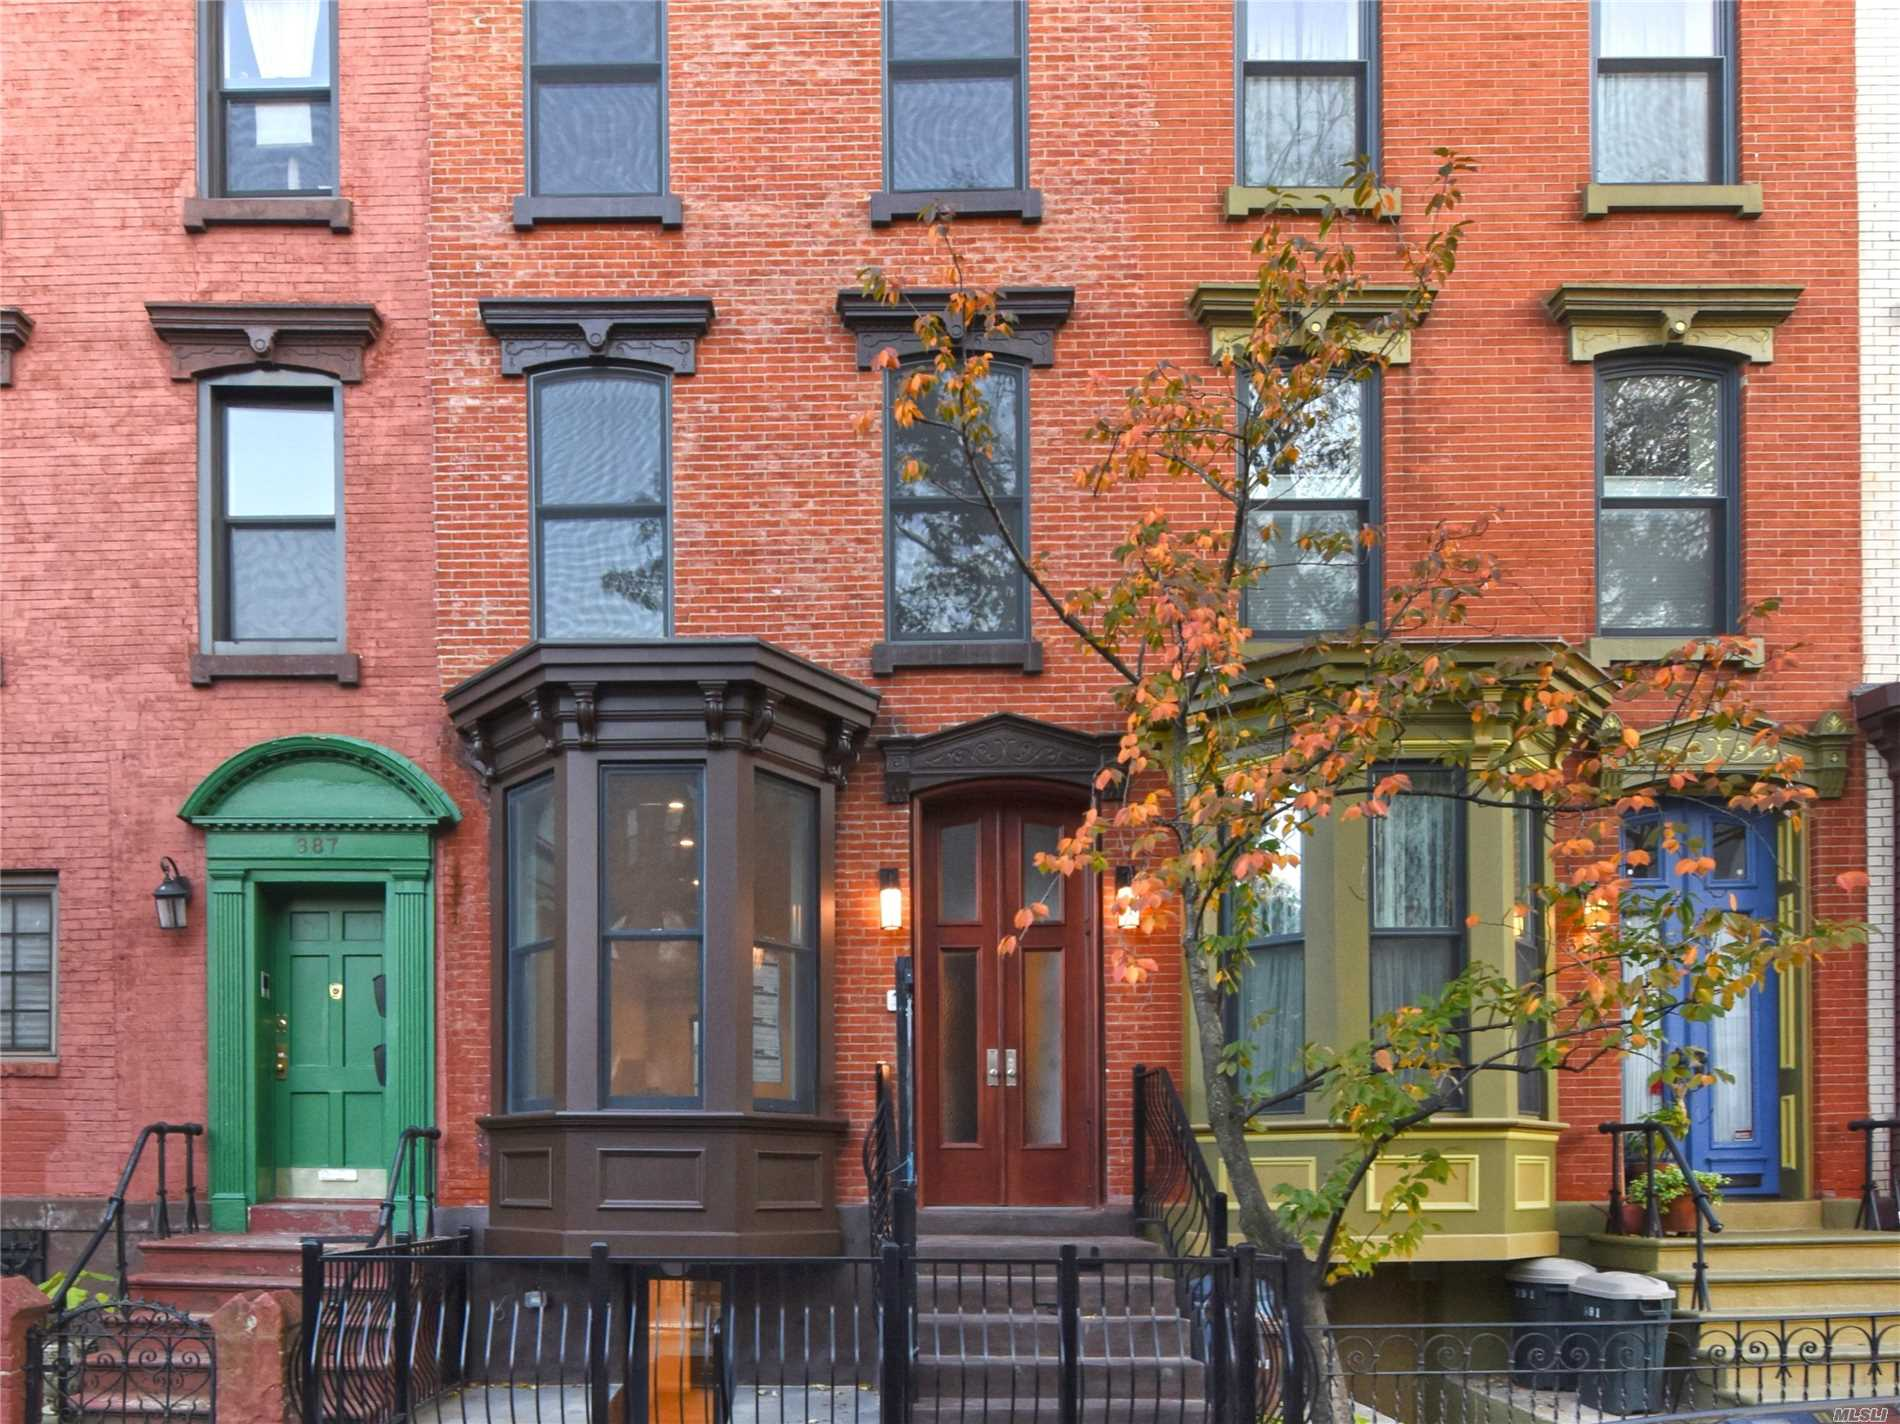 389 6 Ave - Park Slope, New York